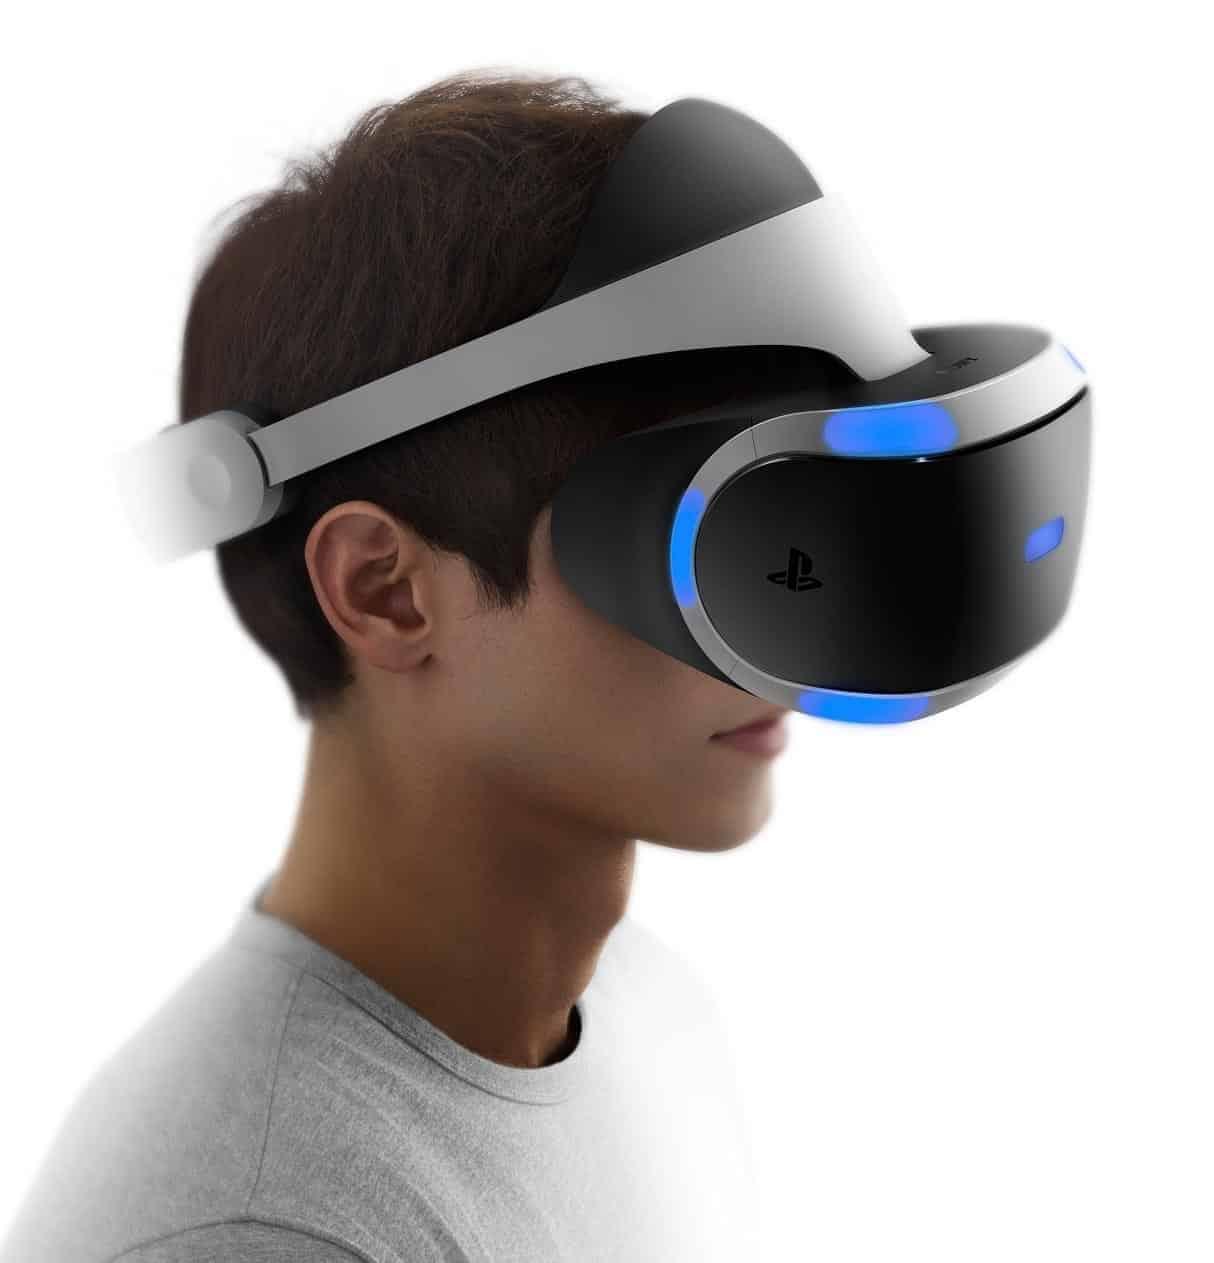 VR-Brille Project Morpheus